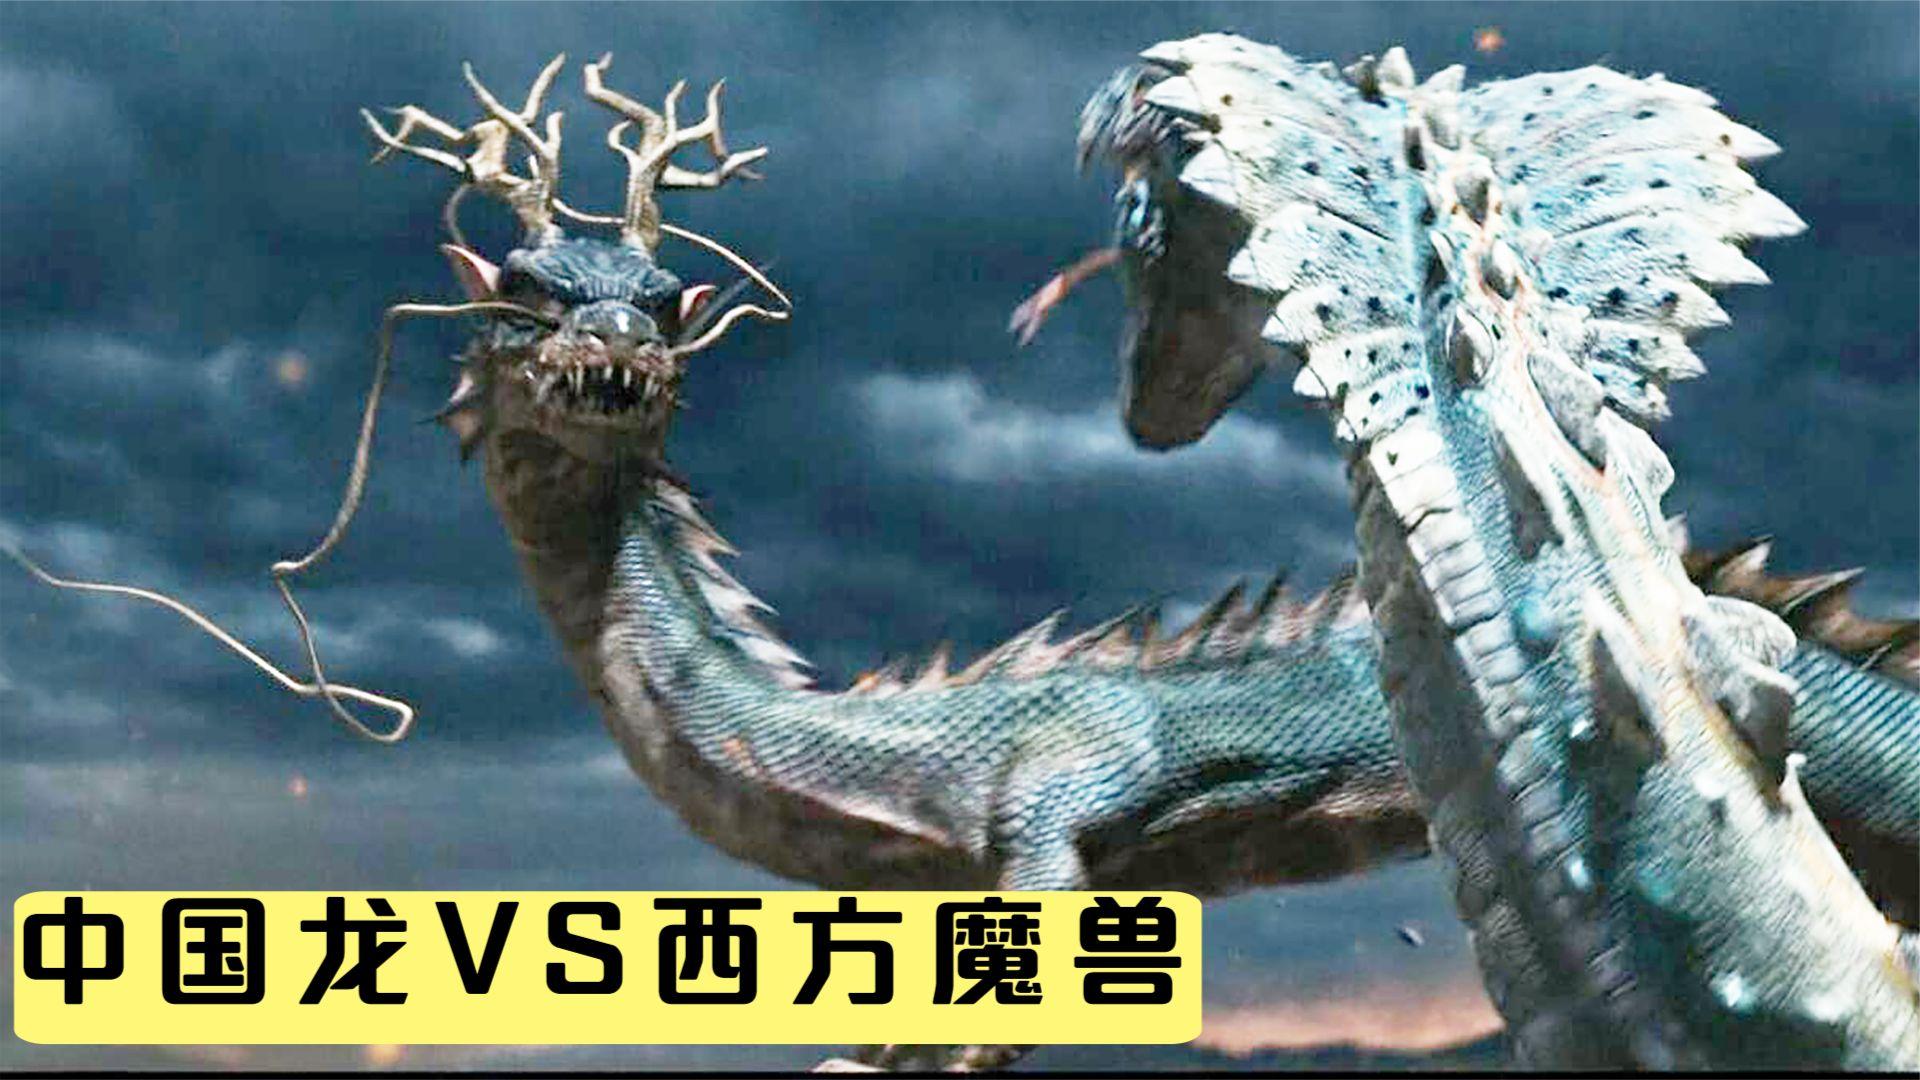 中国龙大战西方魔兽,瞬间秒杀兽族军团,简直就是血脉压制!)#奇幻#动作